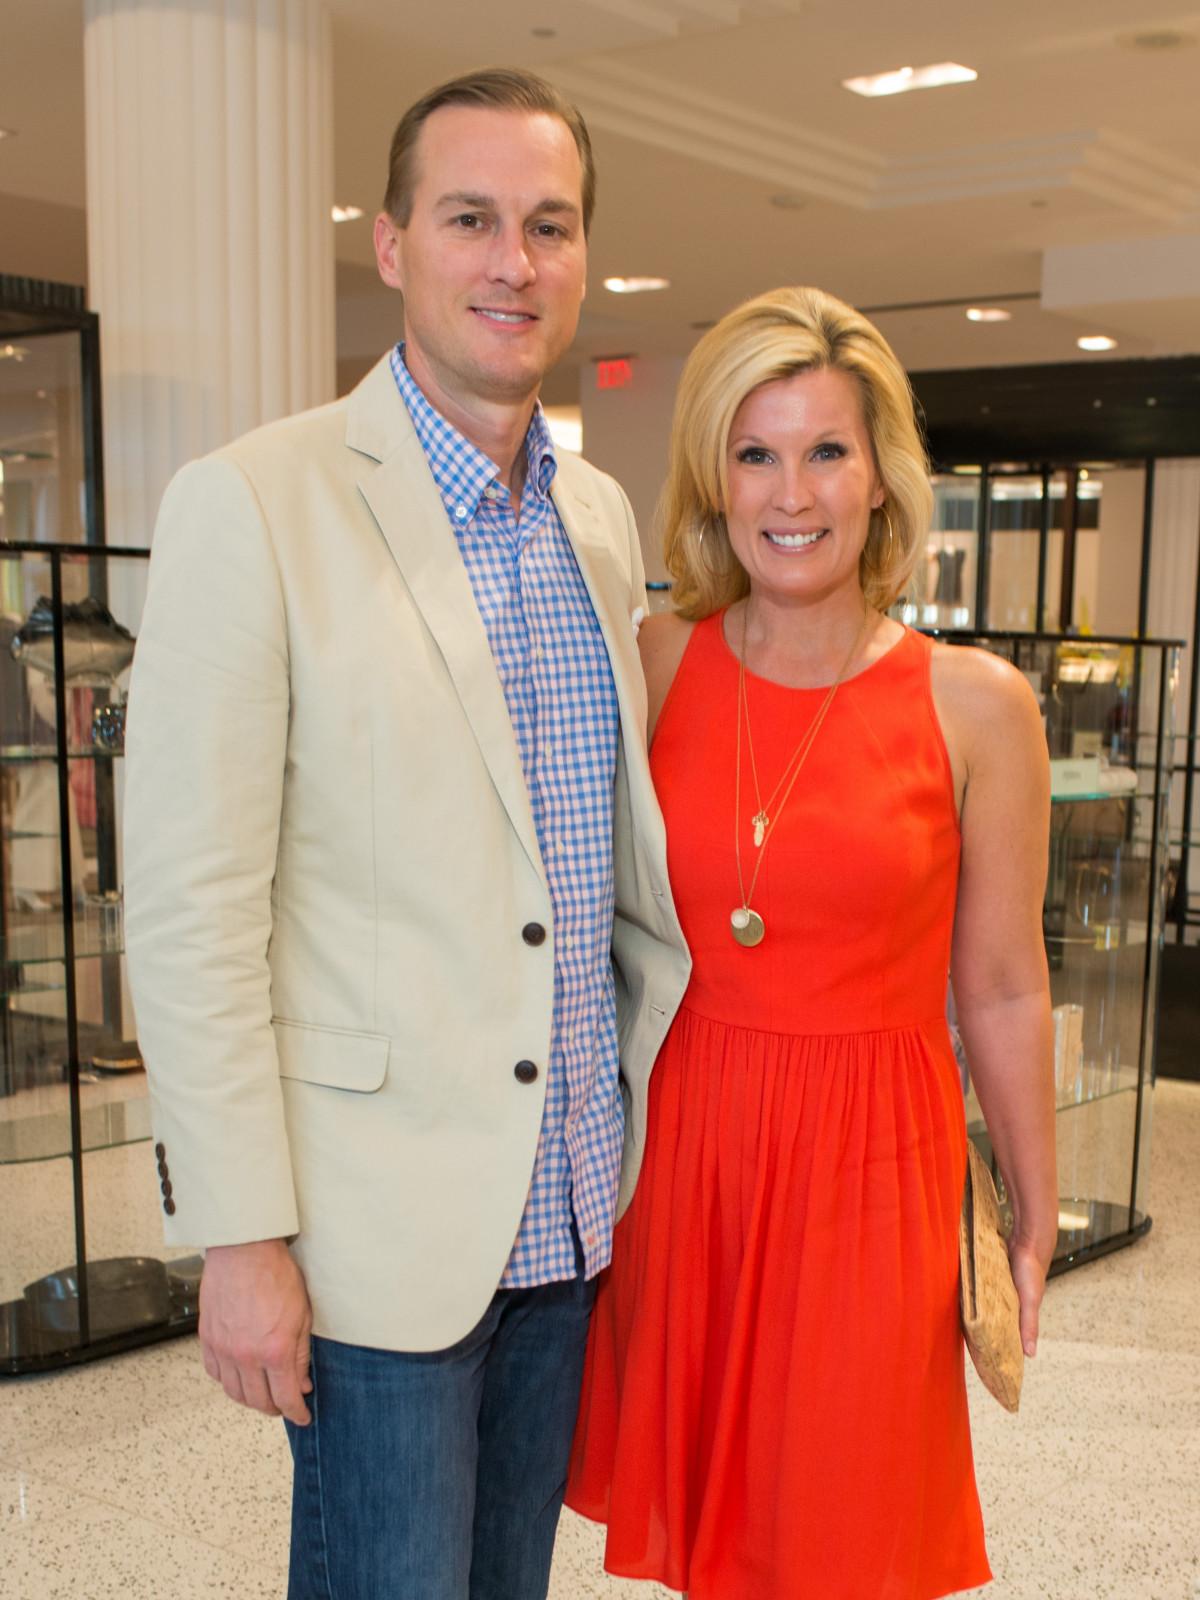 Tootsies, Texas Lyme Disease, 6/16 Greg Wachel, Brandi Wachel